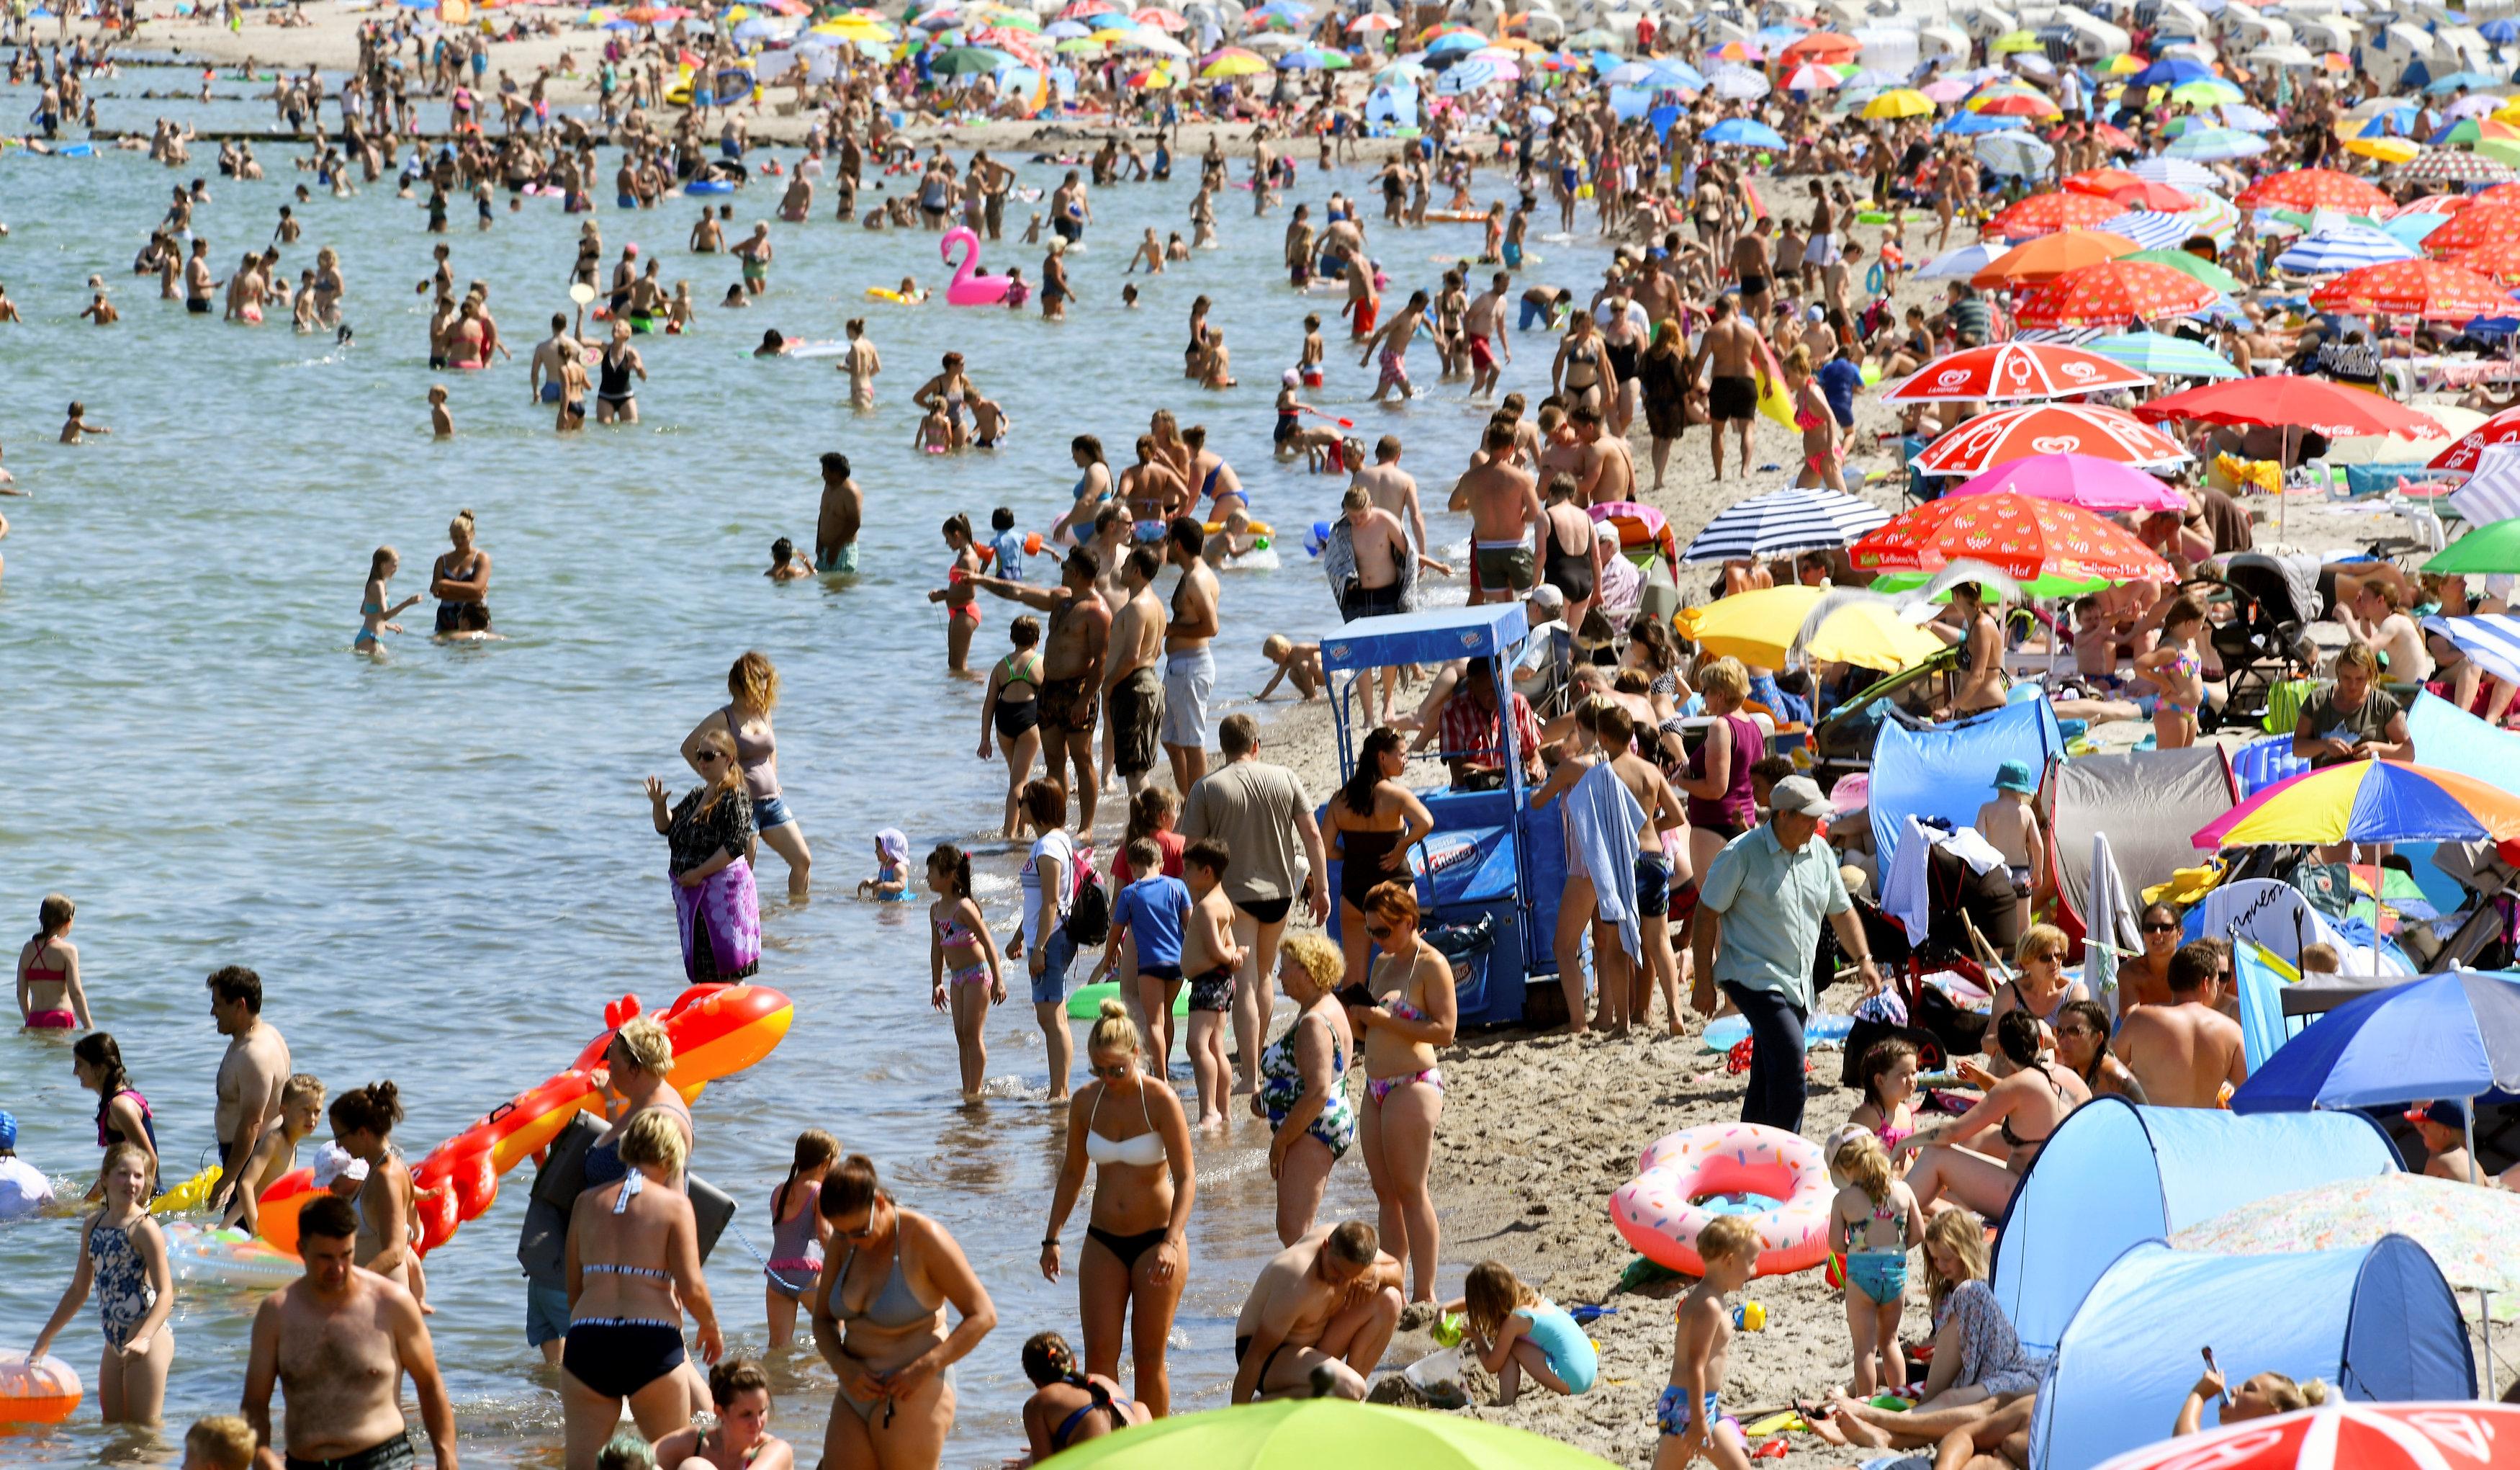 مواطنو ألمانيا يهربون من حرارة الجو إلى بحر البلطيق